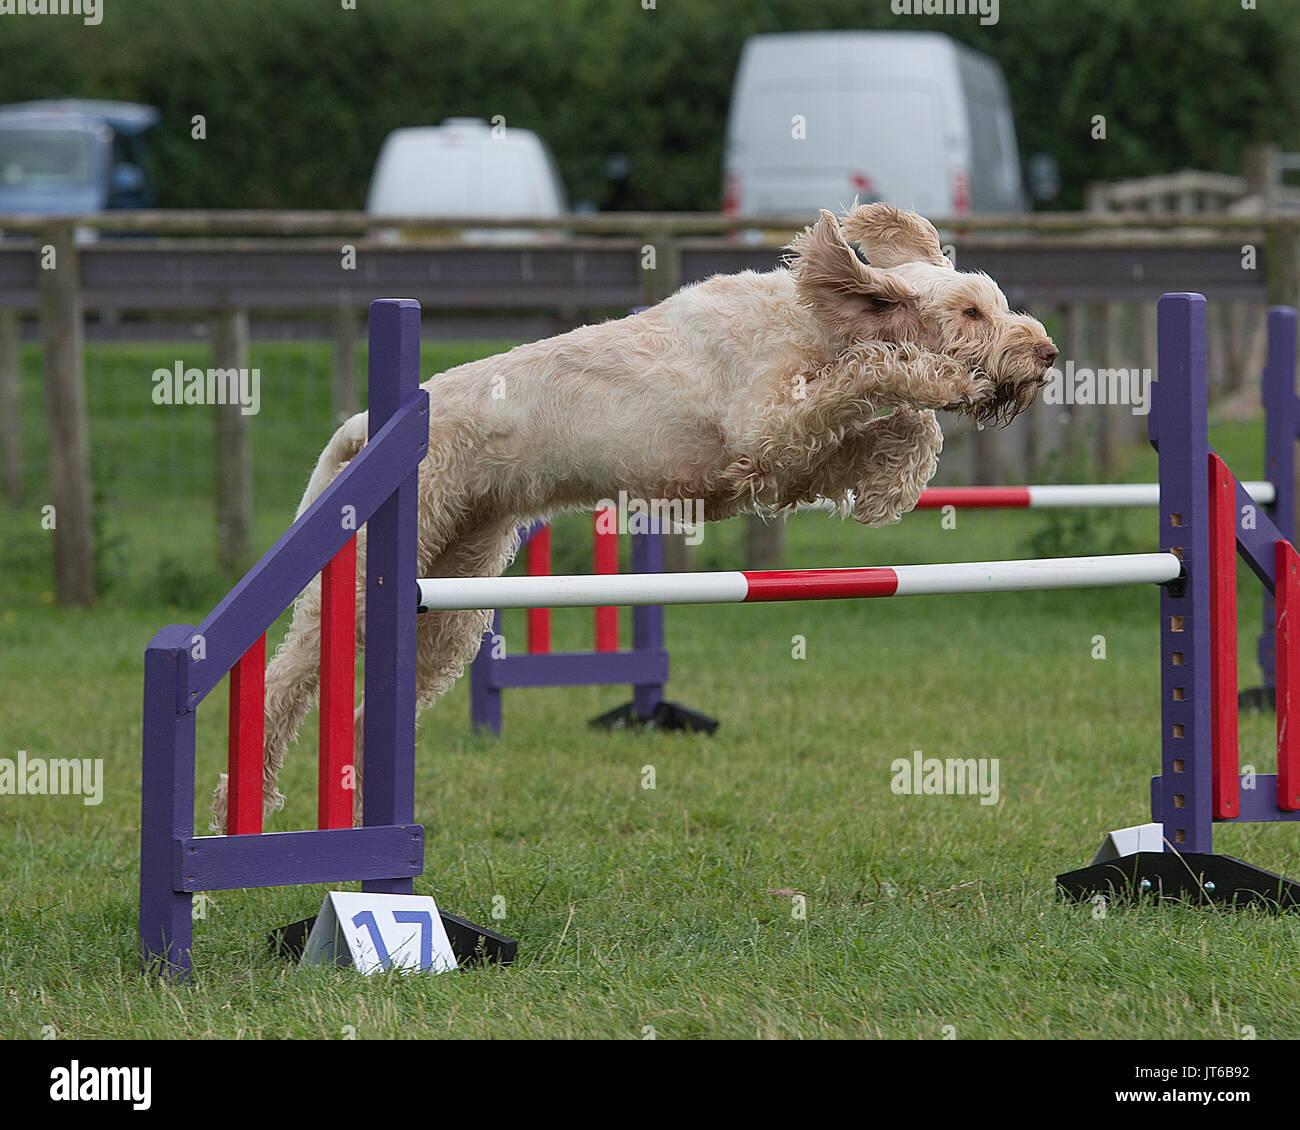 Spinone italiano cane in competizione in agilità Immagini Stock